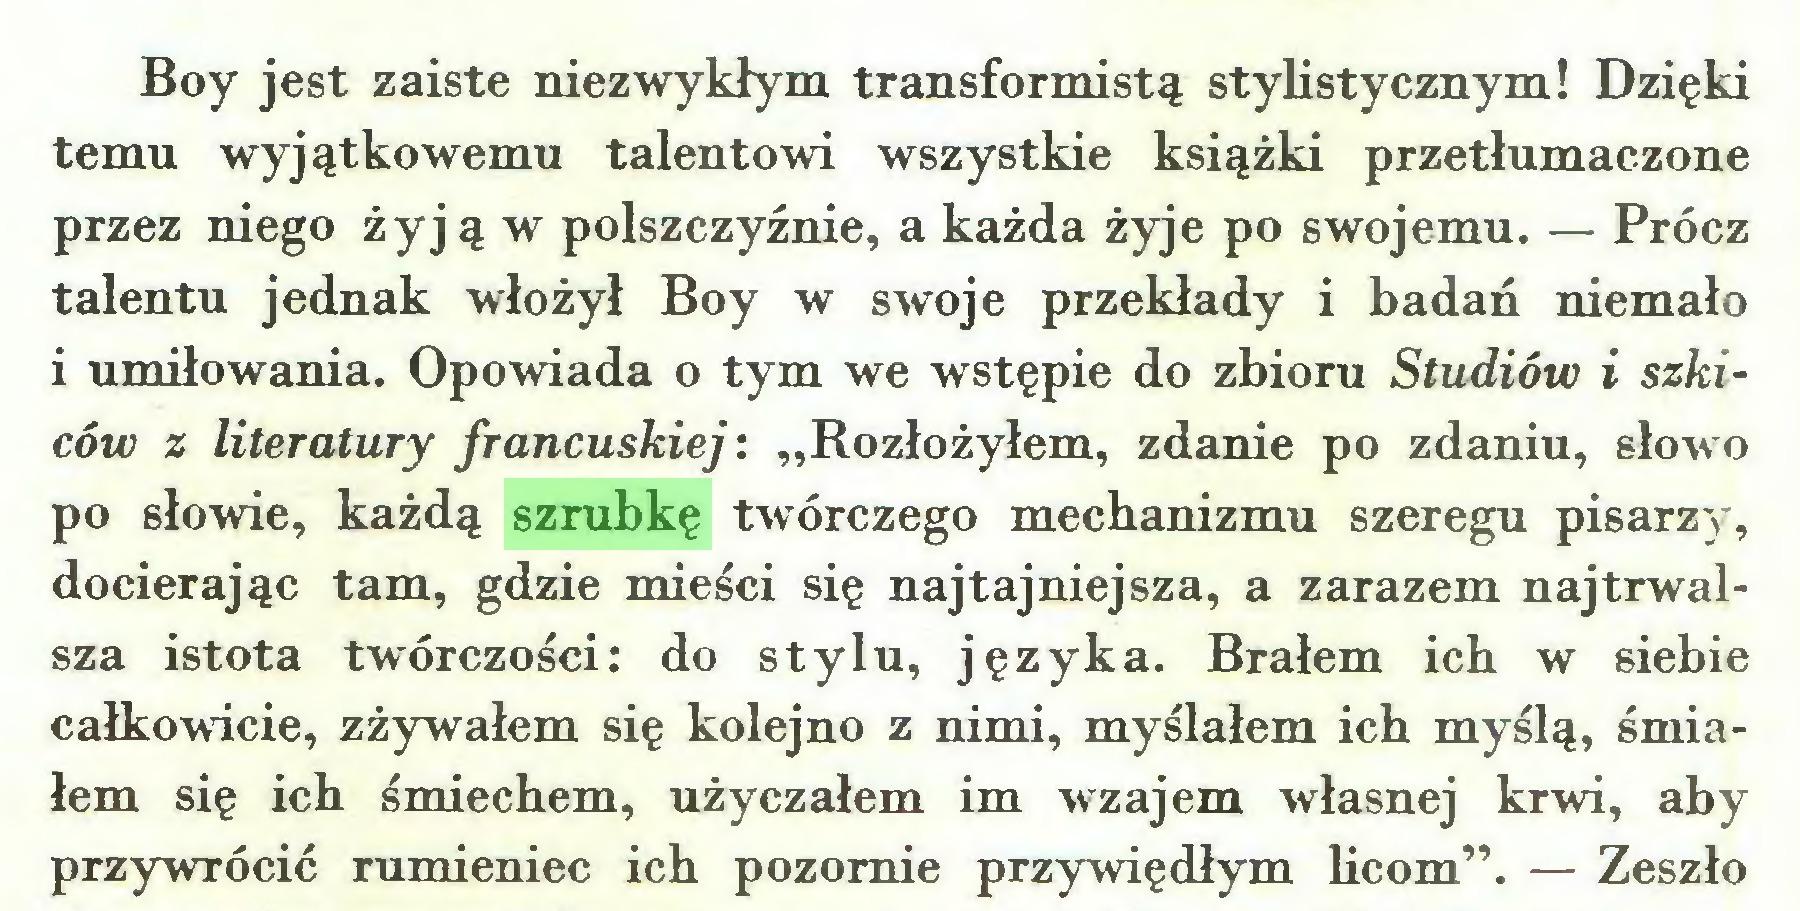 """(...) Boy jest zaiste niezwykłym transformistą stylistycznym! Dzięki temu wyjątkowemu talentowi wszystkie książki przetłumaczone przez niego żyją w polszczyźnie, a każda żyje po swojemu. — Prócz talentu jednak włożył Boy w swoje przekłady i badań niemało i umiłowania. Opowiada o tym we wstępie do zbioru Studiów i szkiców z literatury francuskiej: """"Rozłożyłem, zdanie po zdaniu, słowo po słowie, każdą szrubkę twórczego mechanizmu szeregu pisarzy, docierając tam, gdzie mieści się najtajniejsza, a zarazem najtrwalsza istota twórczości: do stylu, języka. Brałem ich w siebie całkowicie, zżywałem się kolejno z nimi, myślałem ich myślą, śmiałem się ich śmiechem, użyczałem im wzajem własnej krwi, aby przywrócić rumieniec ich pozornie przywiędłym licom"""". — Zeszło..."""